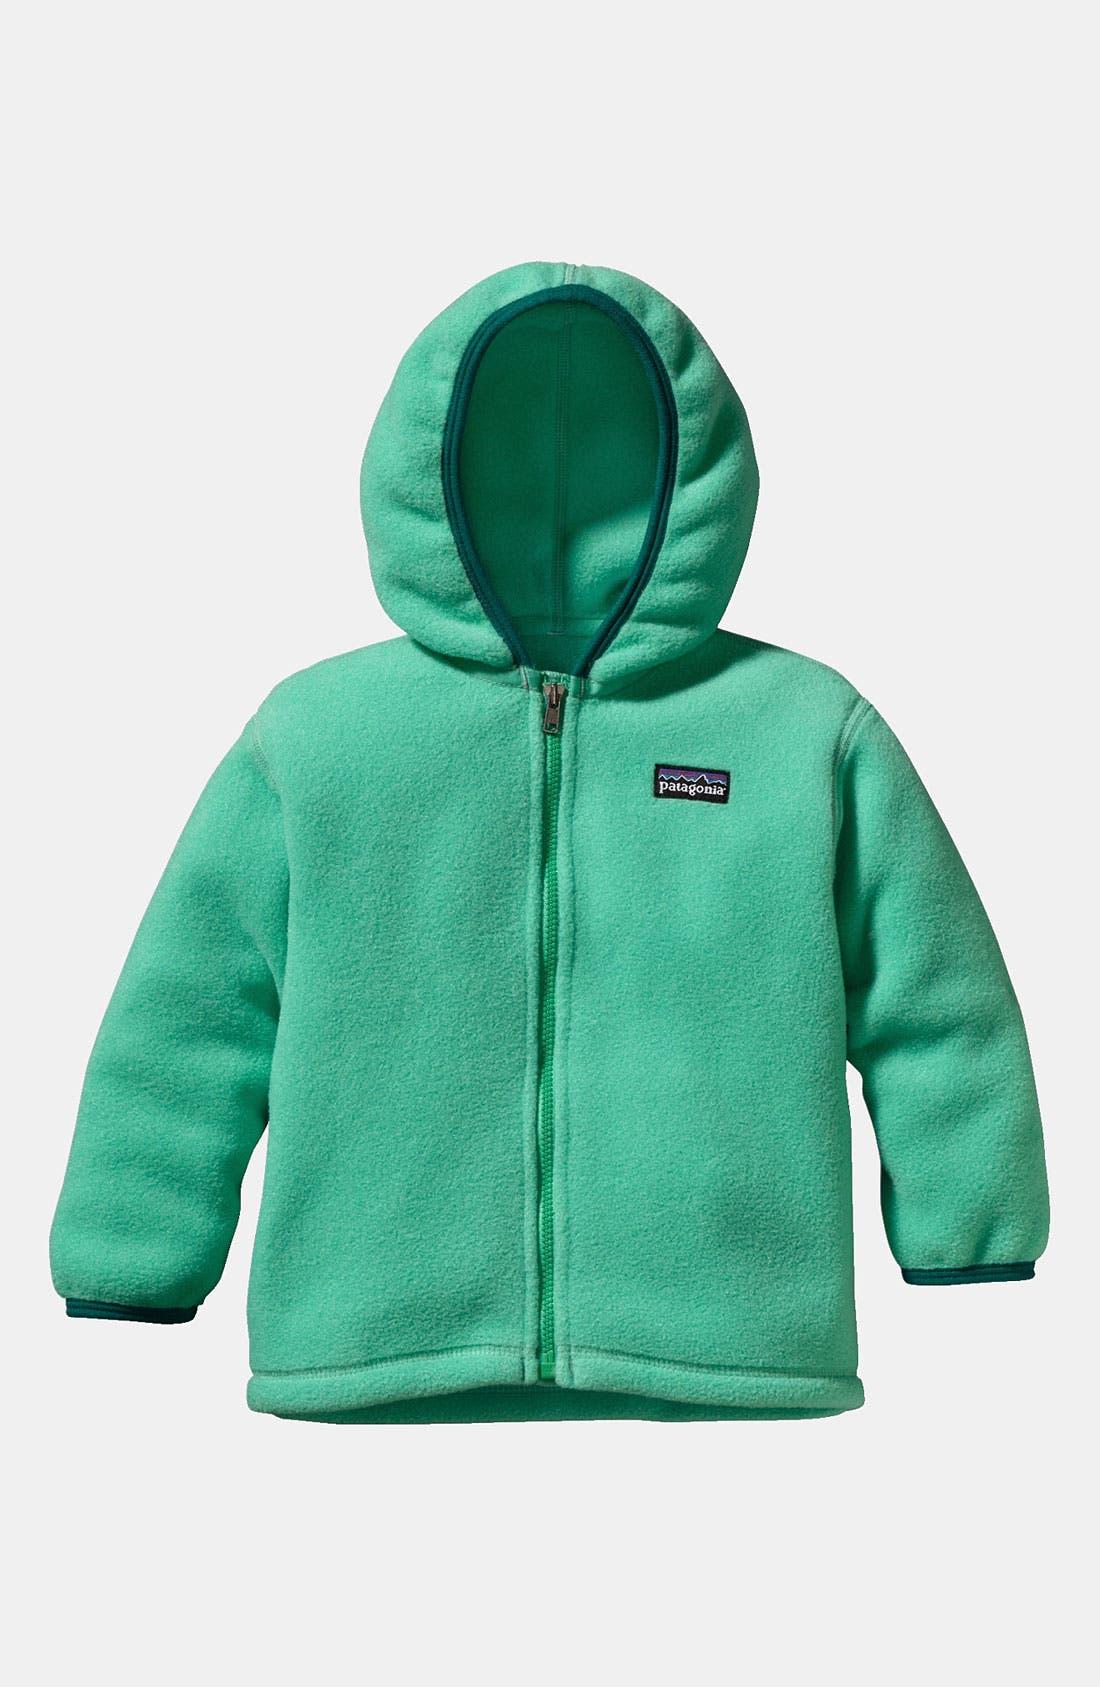 Main Image - Patagonia Hooded Fleece Cardigan (Toddler)